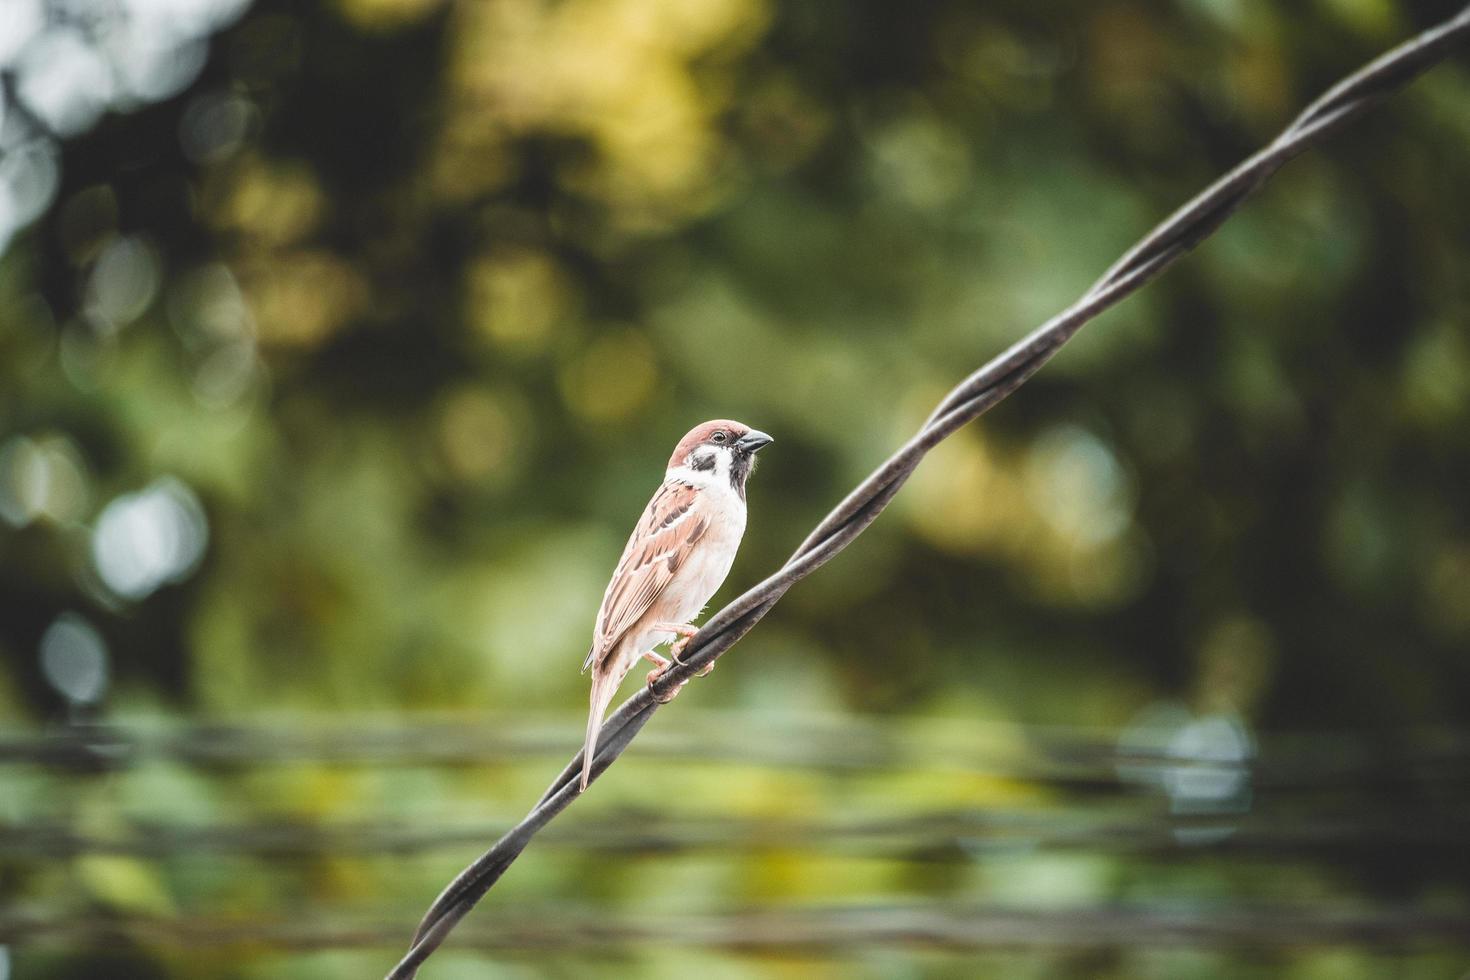 oiseau perché sur un fil photo